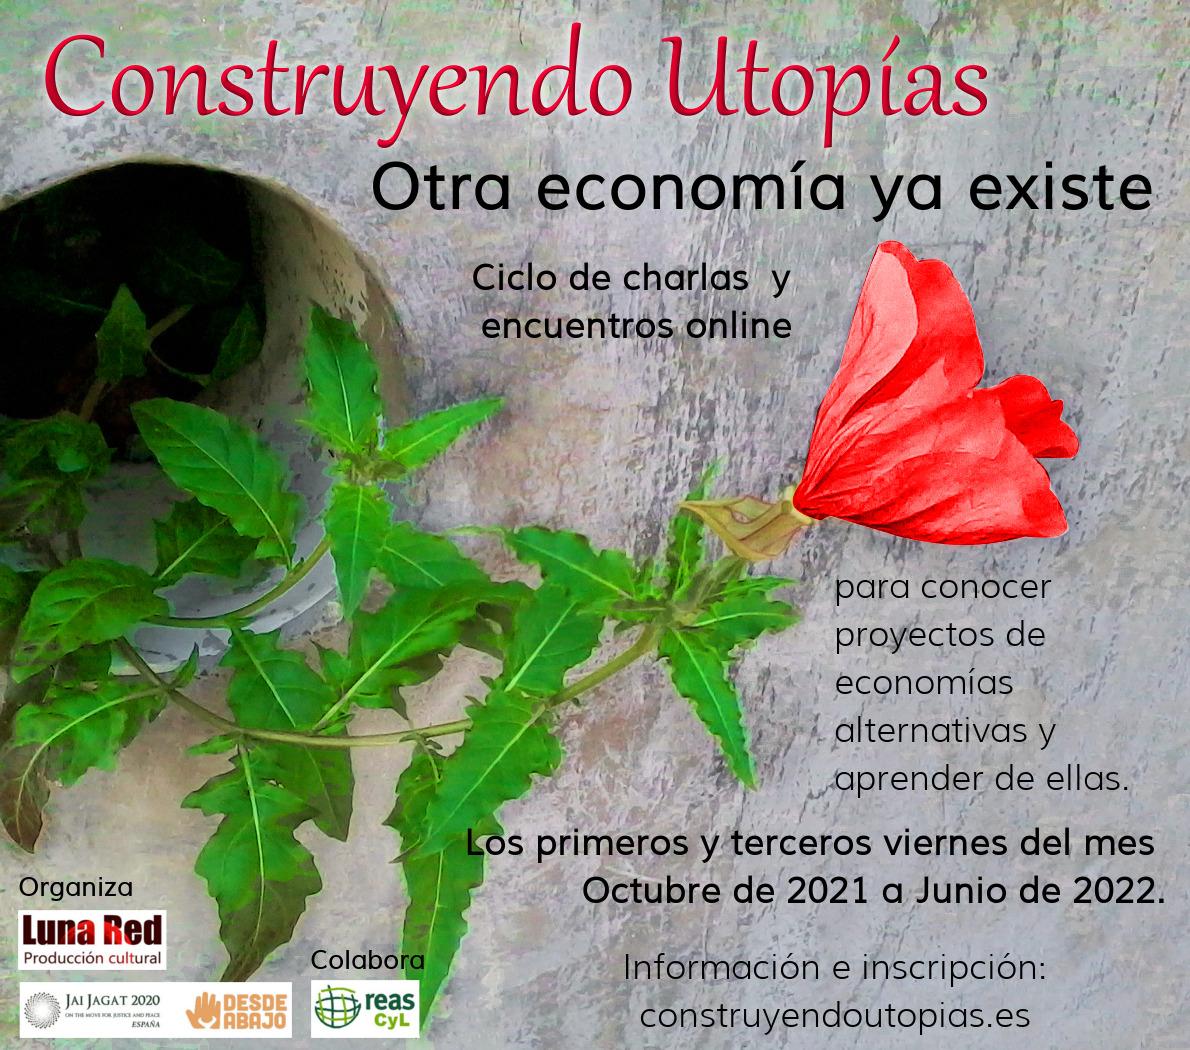 Construyendo Utopías: Otra economía ya existe